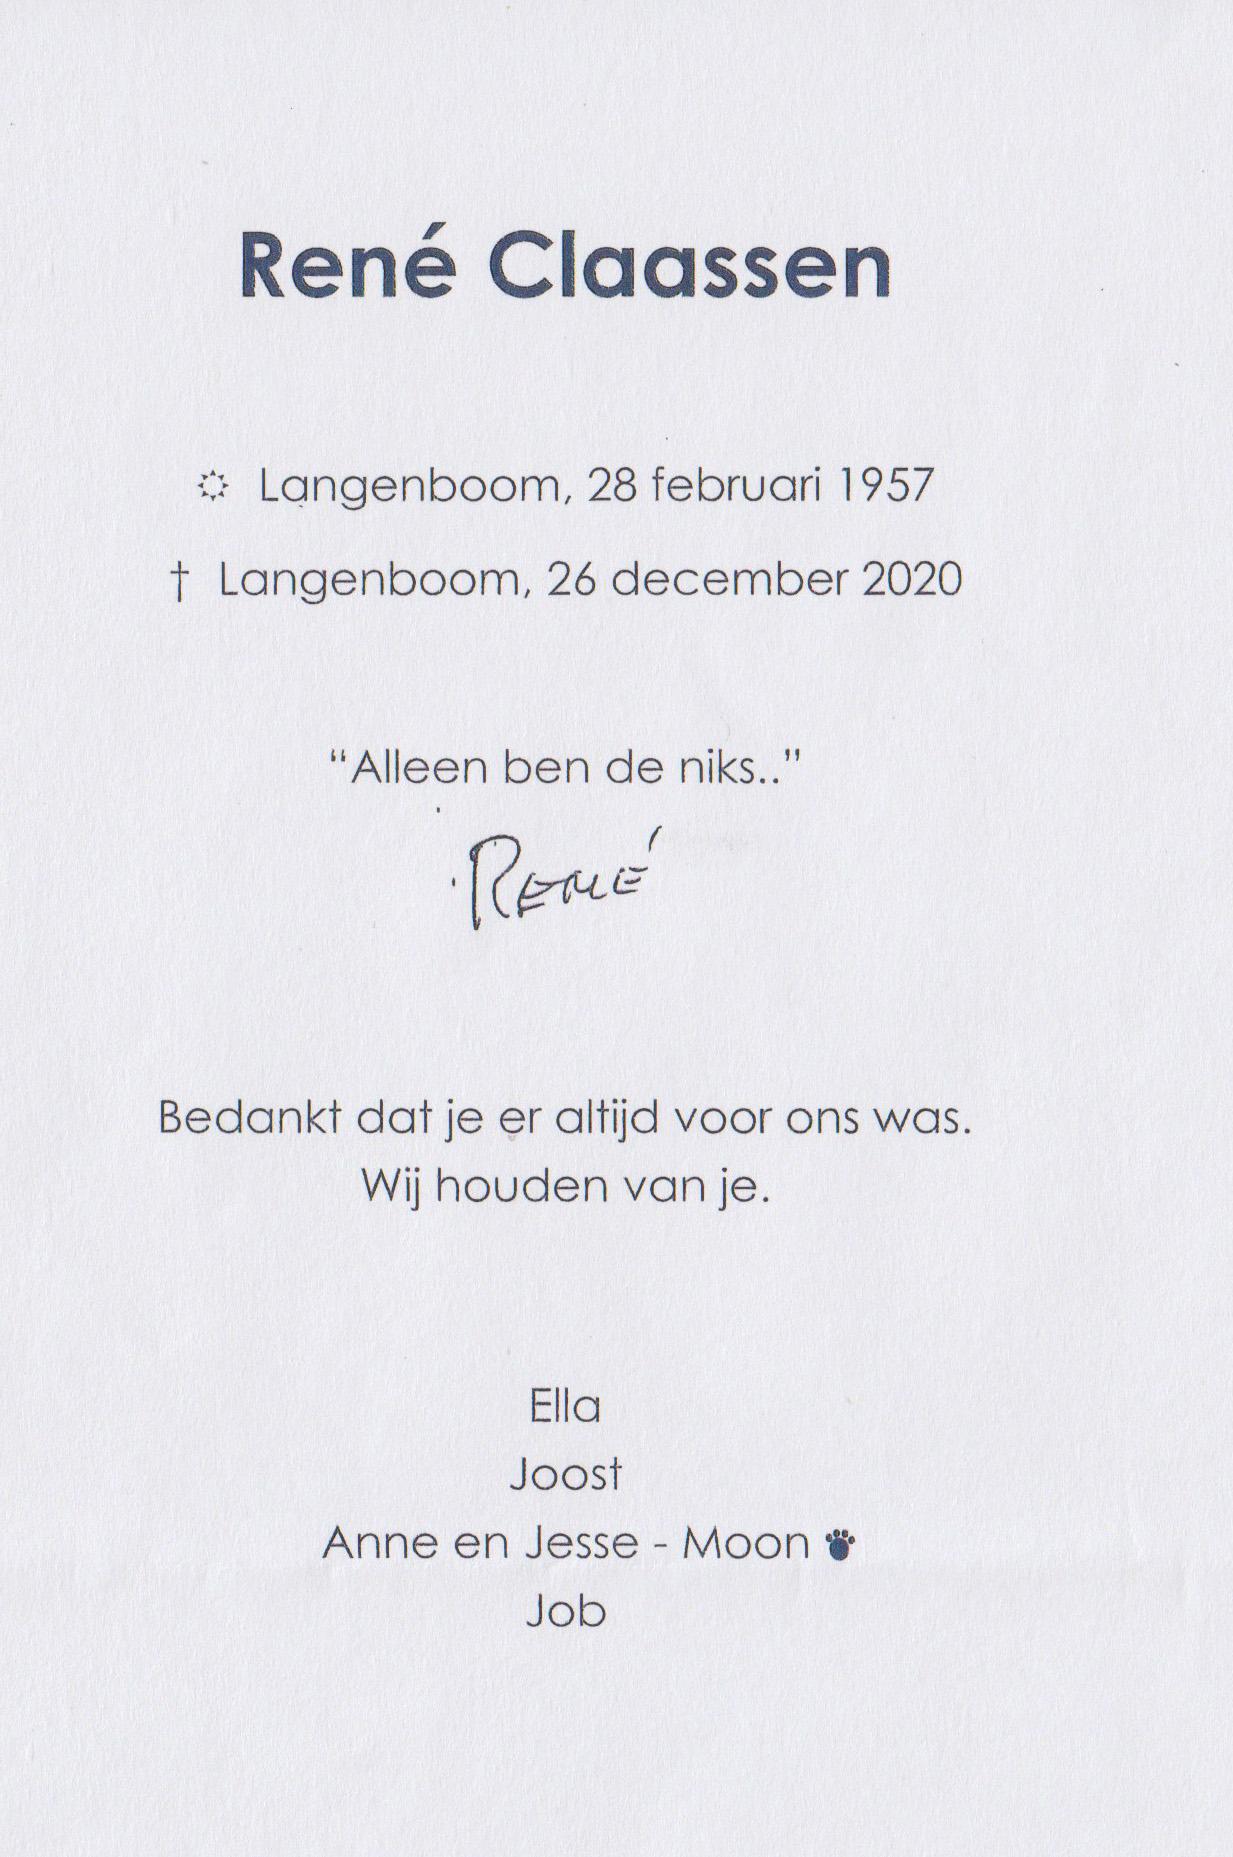 Bidprentje RenéClaassen